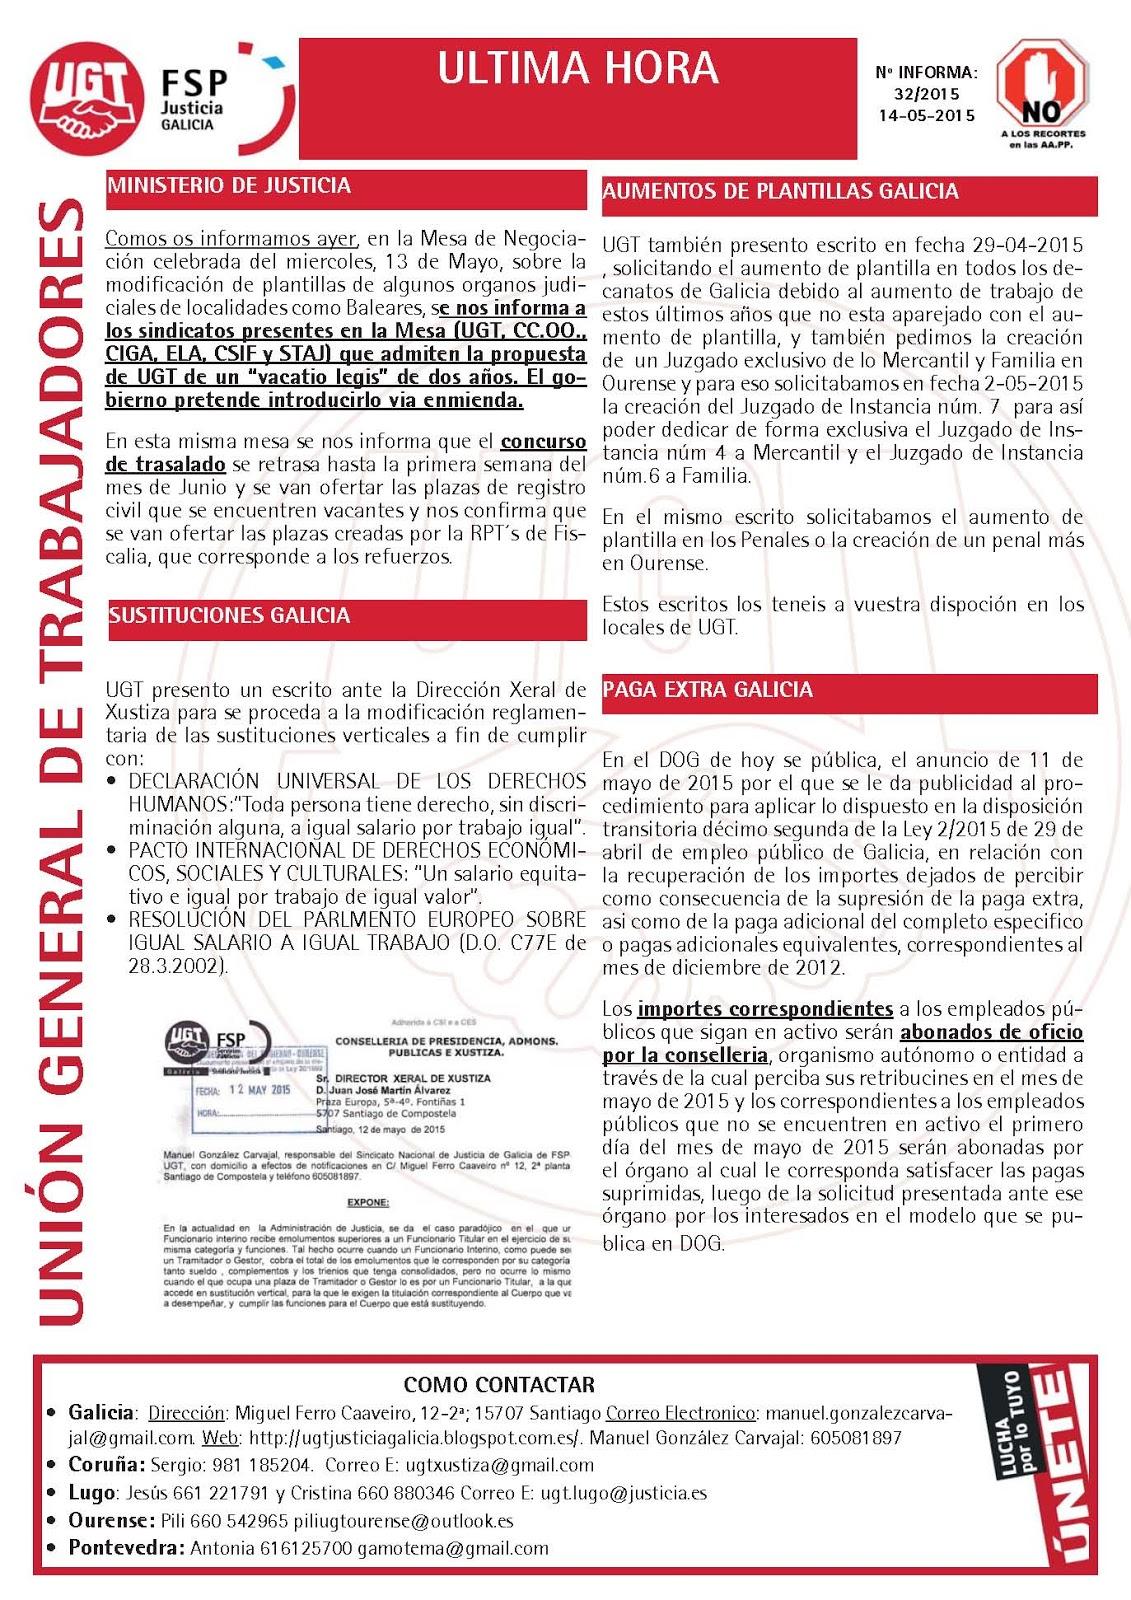 Prestamos personales galicia ultima hora bankia for Reclamar importe clausula suelo